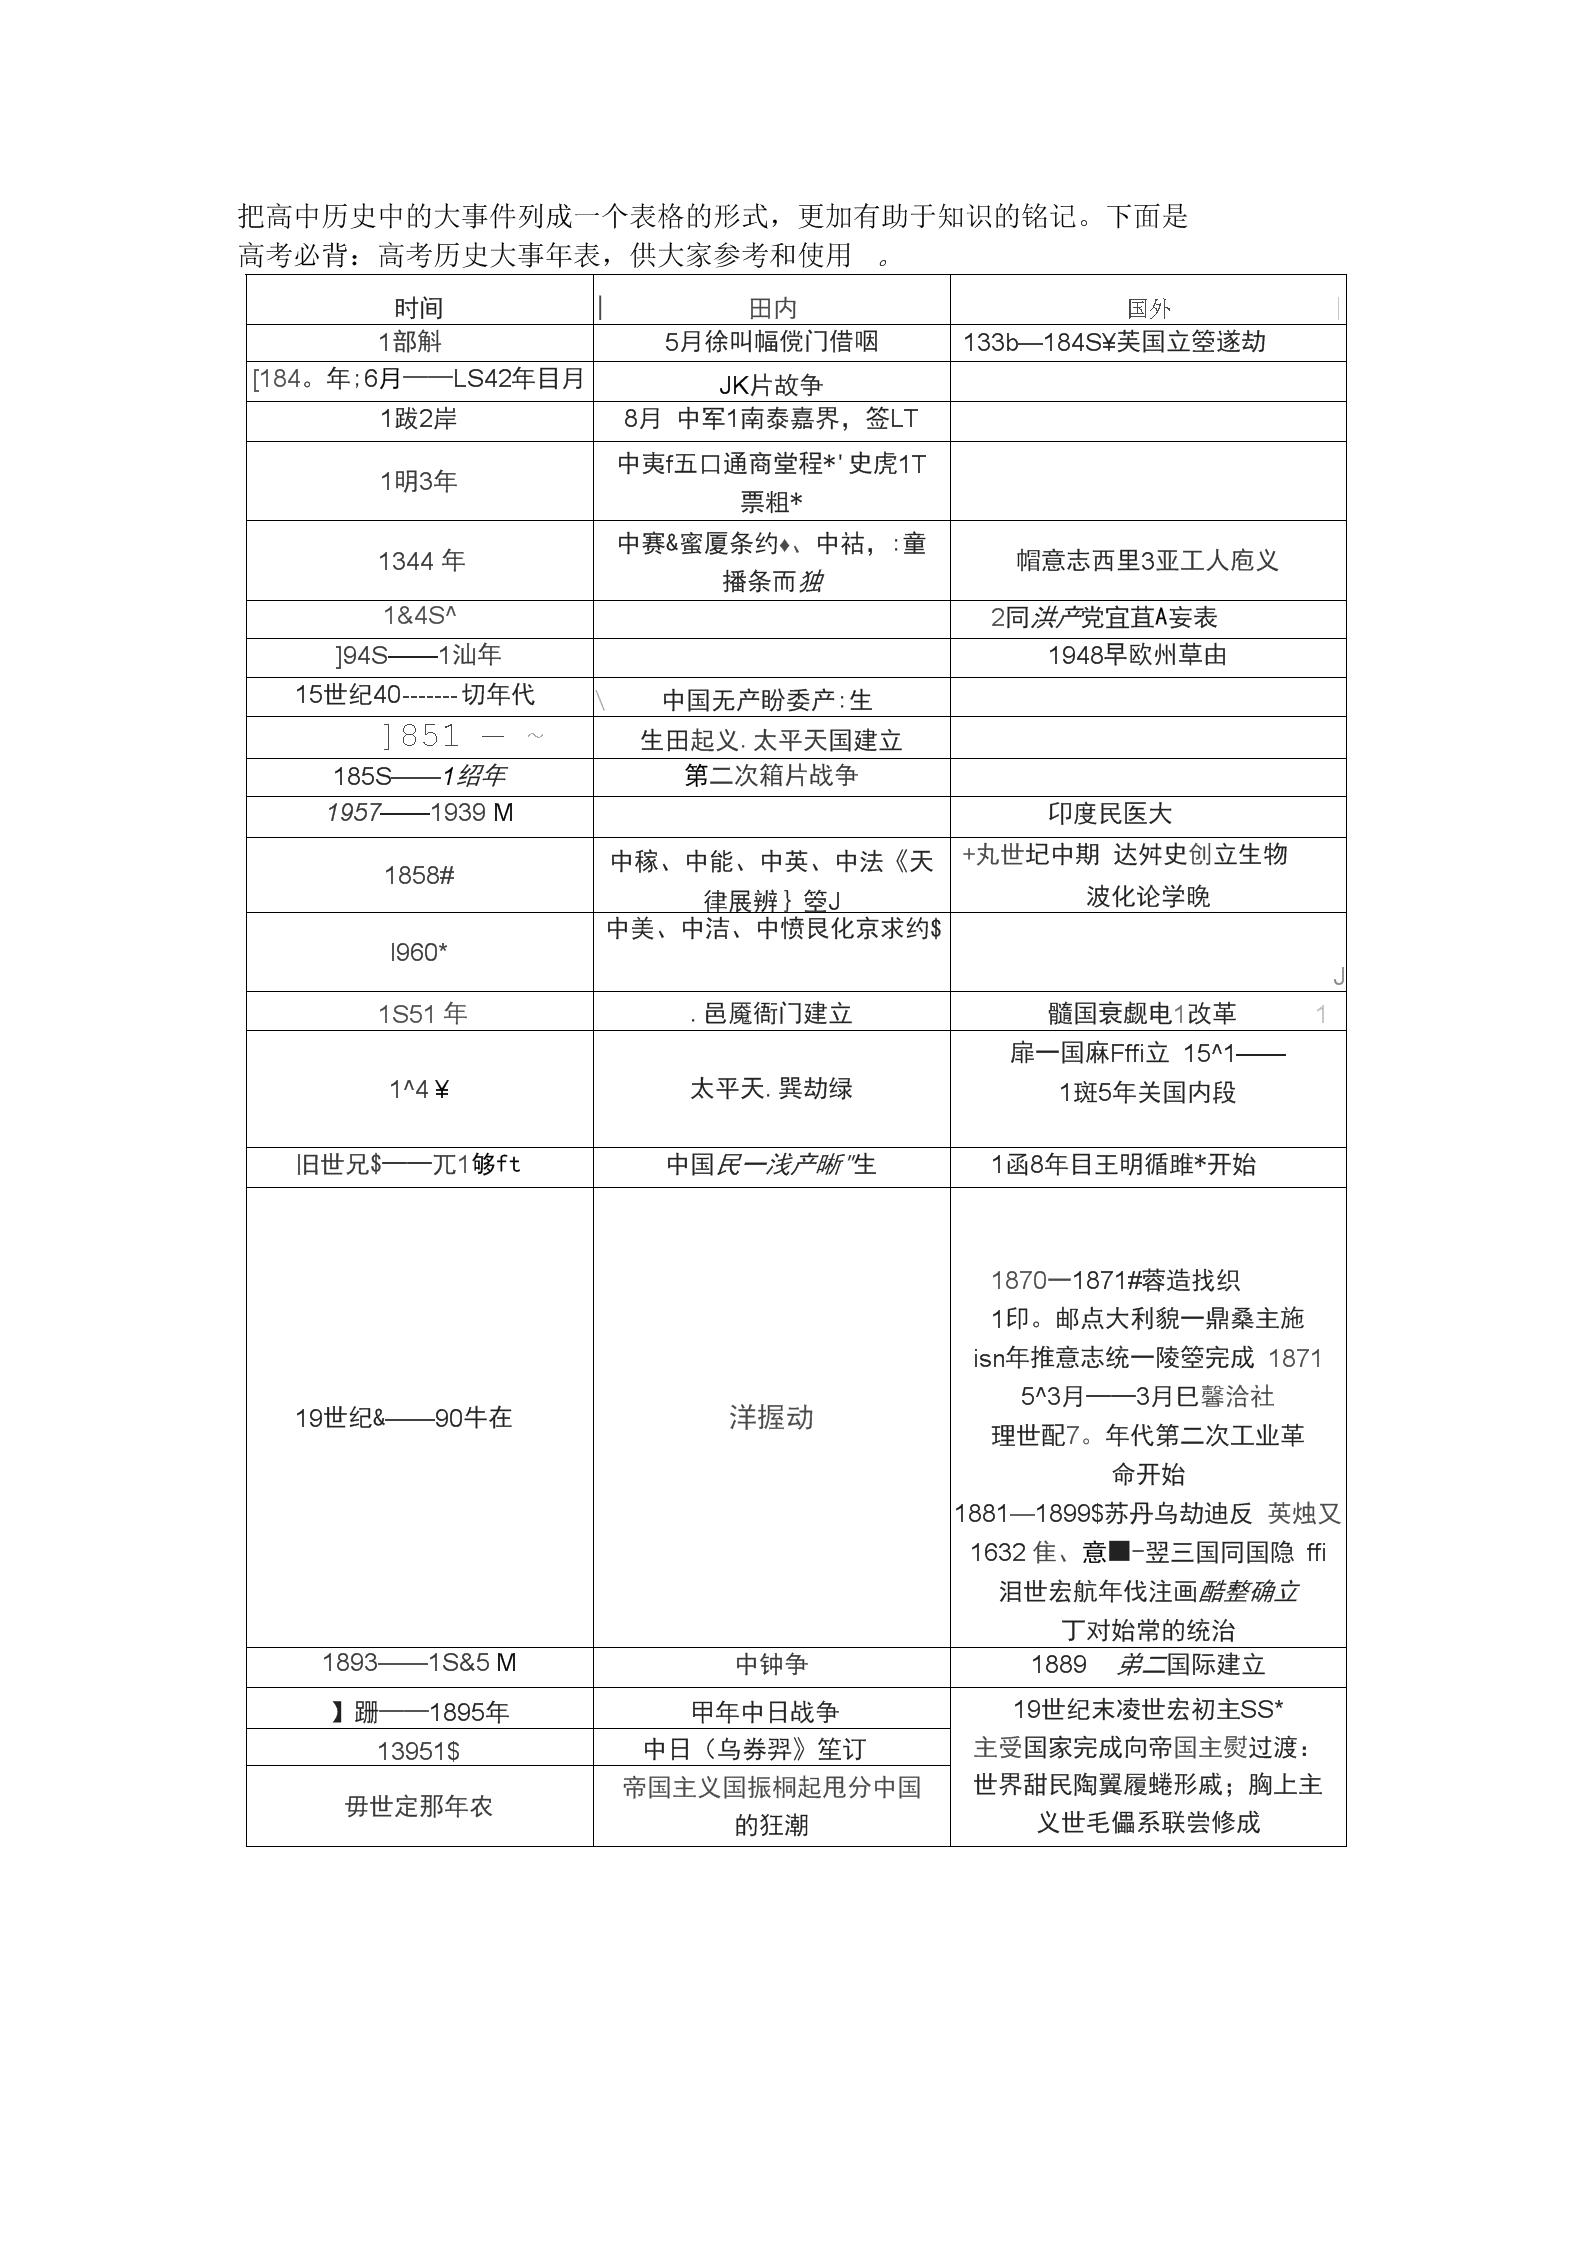 高考必背历史大事年表讲课讲稿.docx